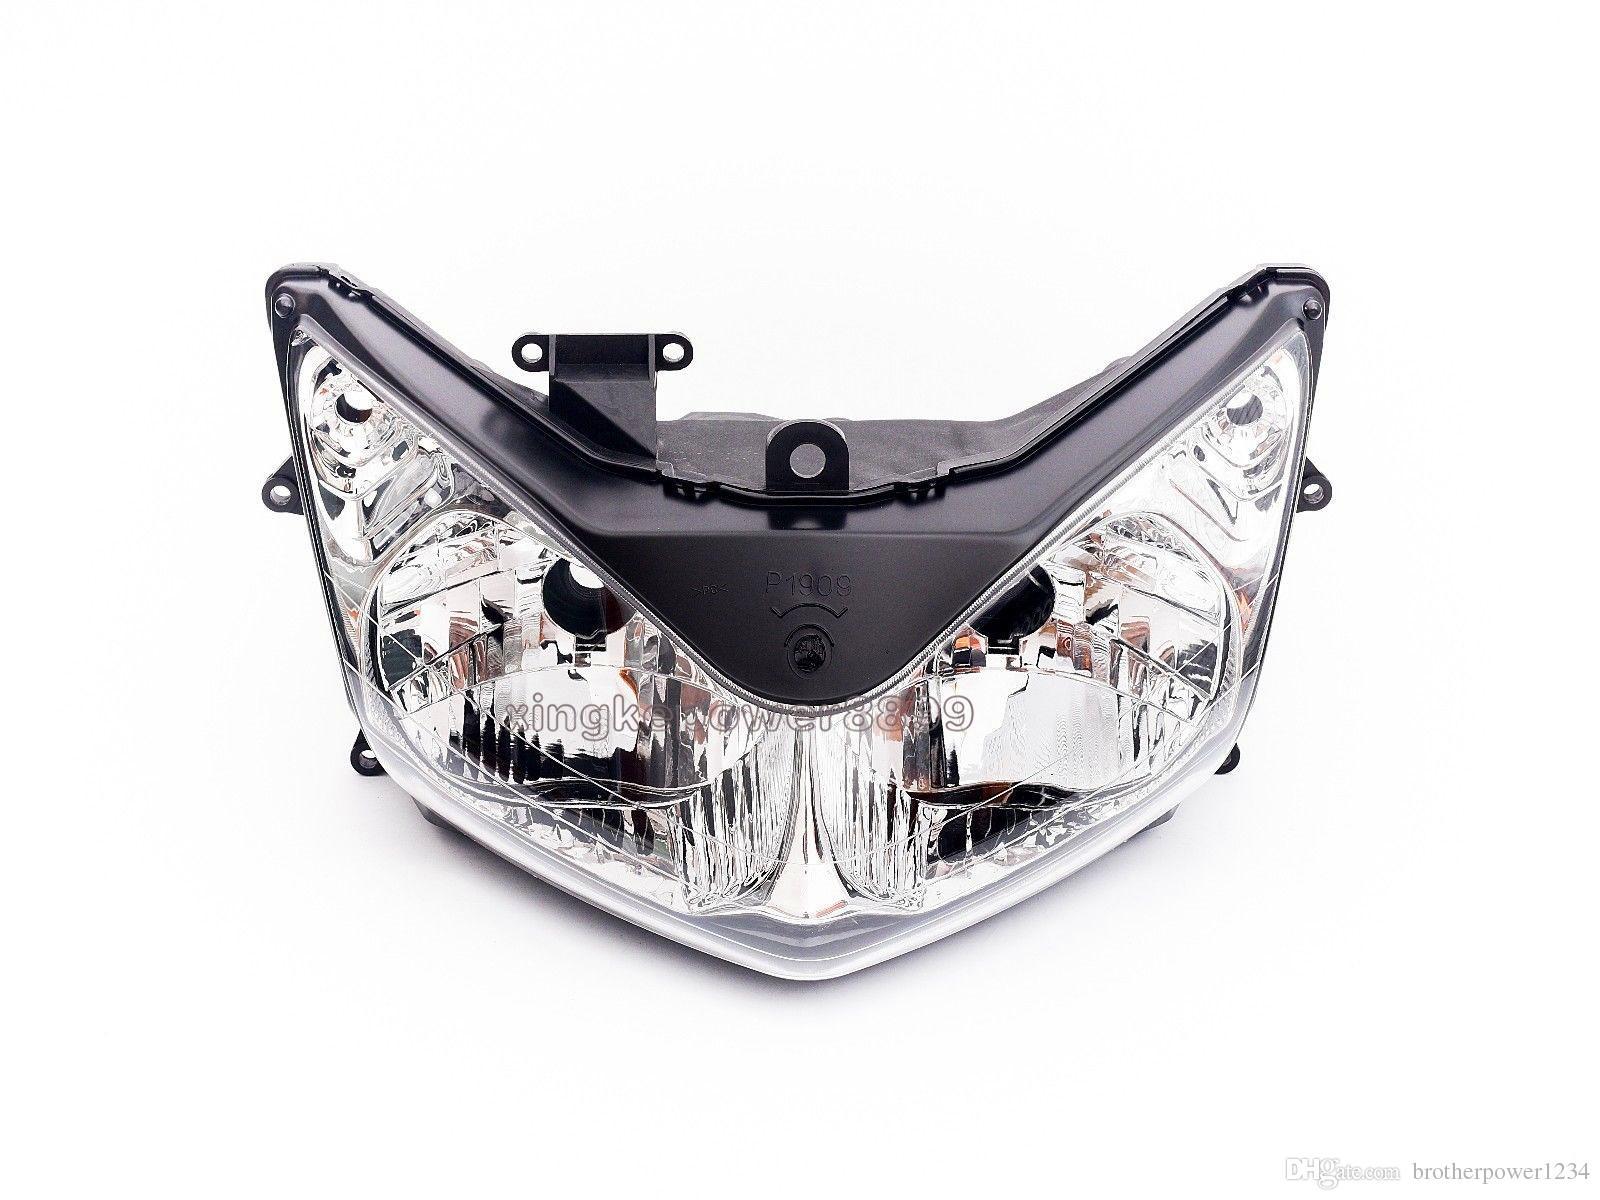 Headlight Headlamp Front Light Lamp Assembly For Honda ST1300 2002-2011